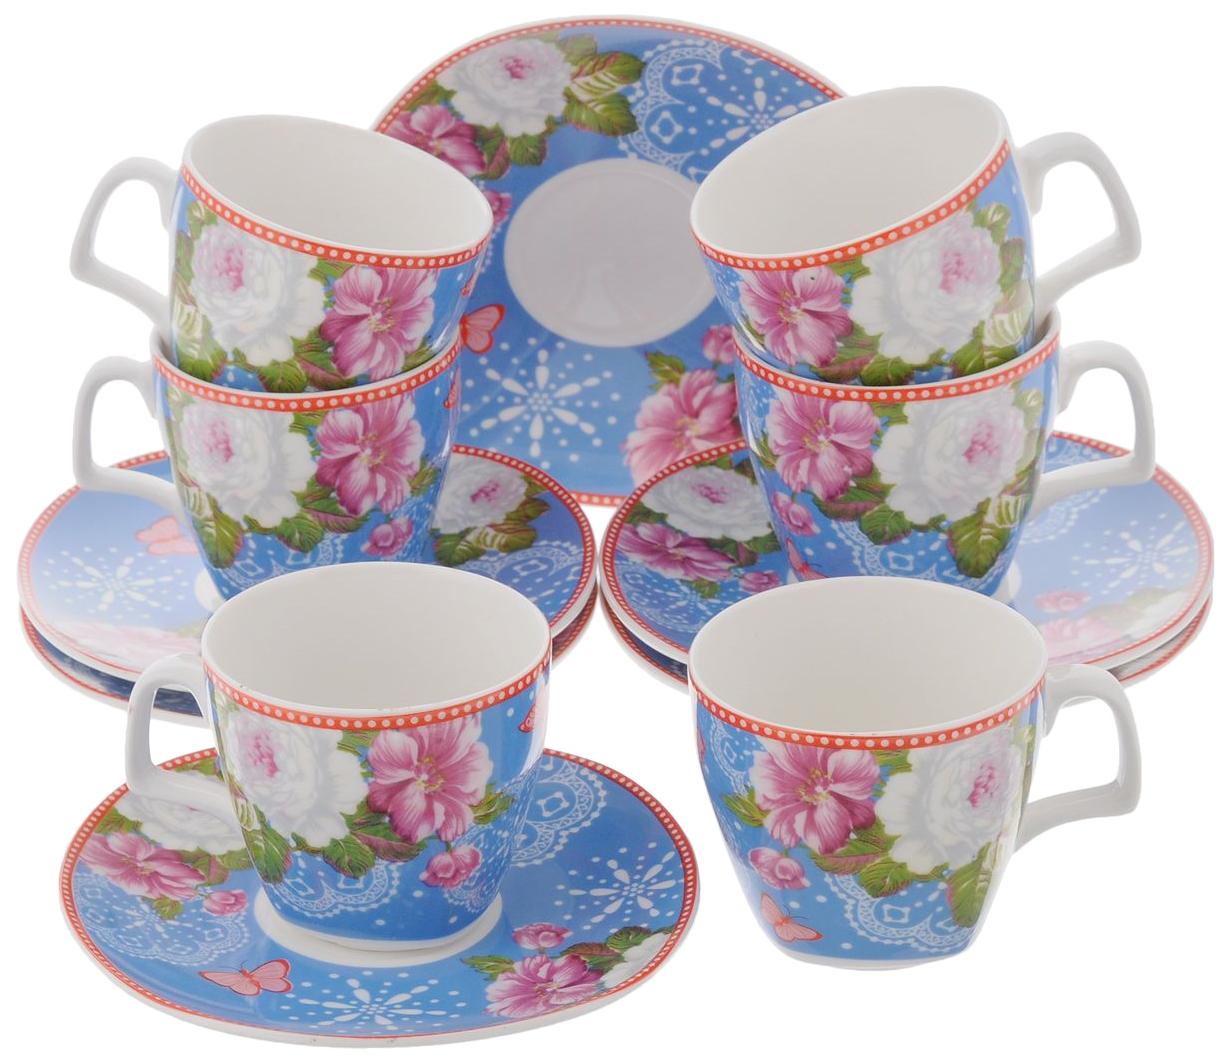 Кофейный набор Lorane 24757 Синий, белый, розовый,